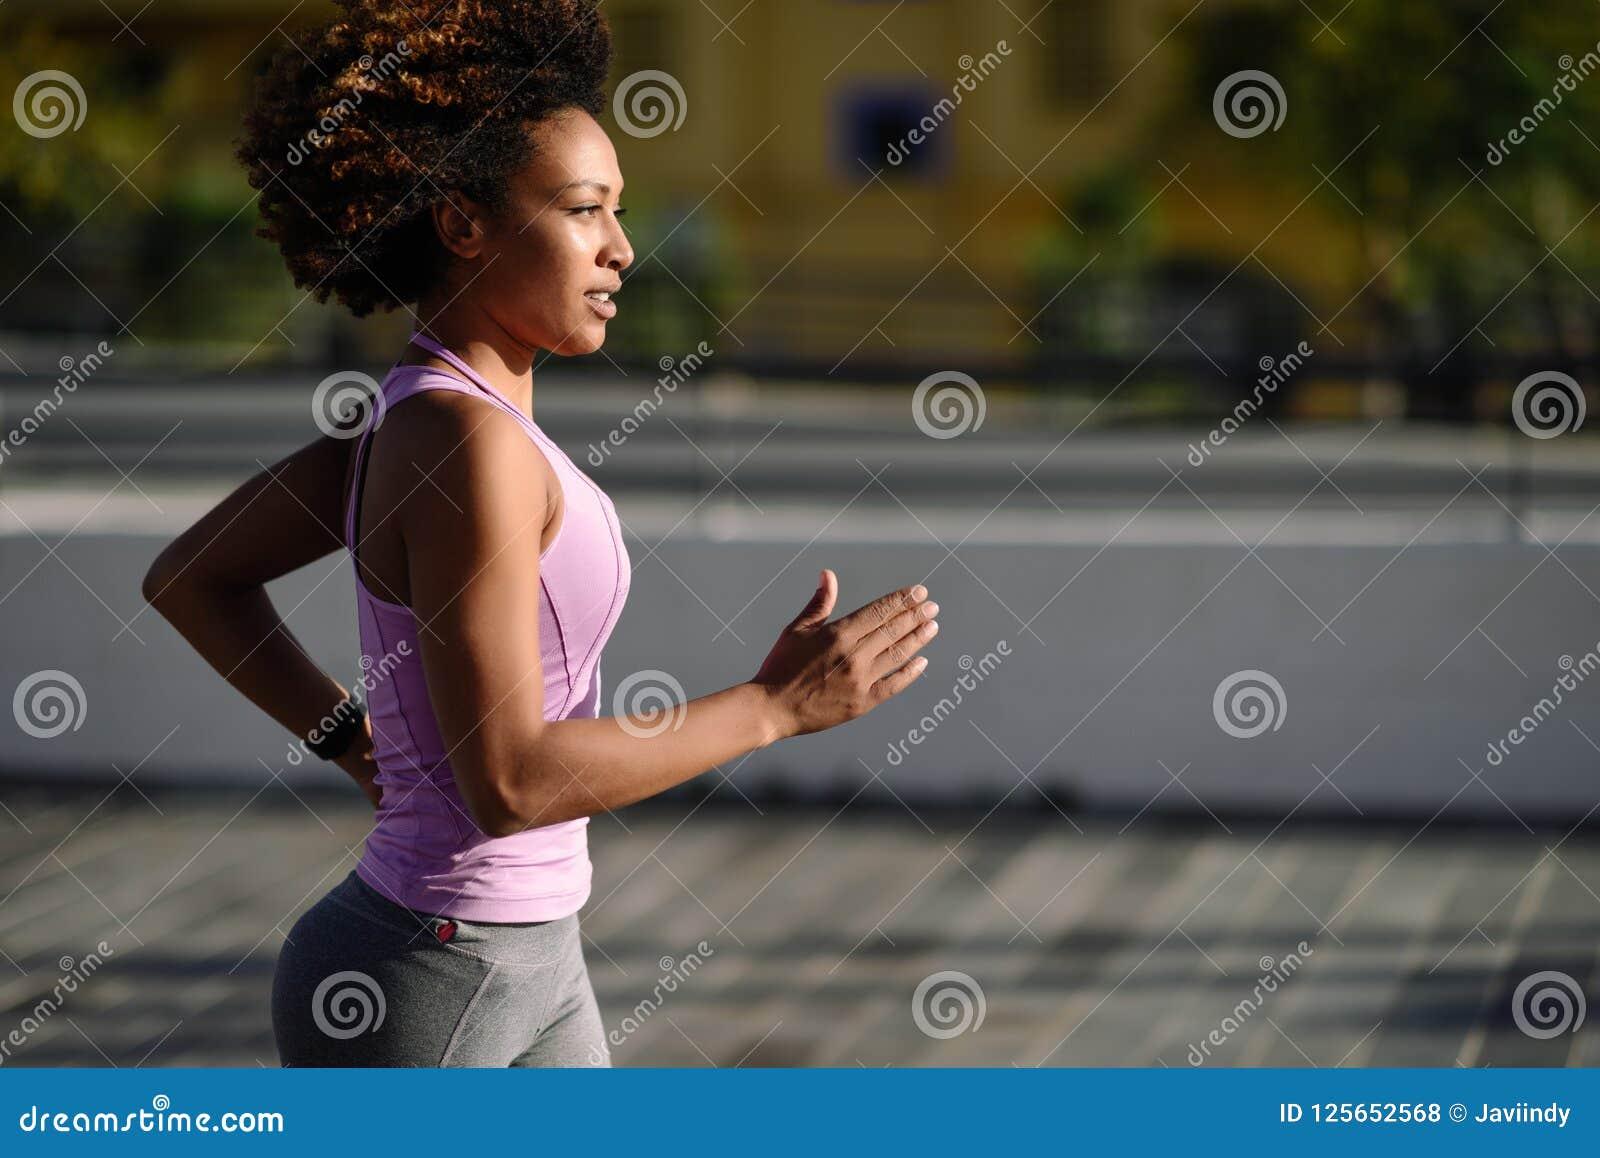 Mujer negra, peinado afro, corriendo al aire libre en camino urbano